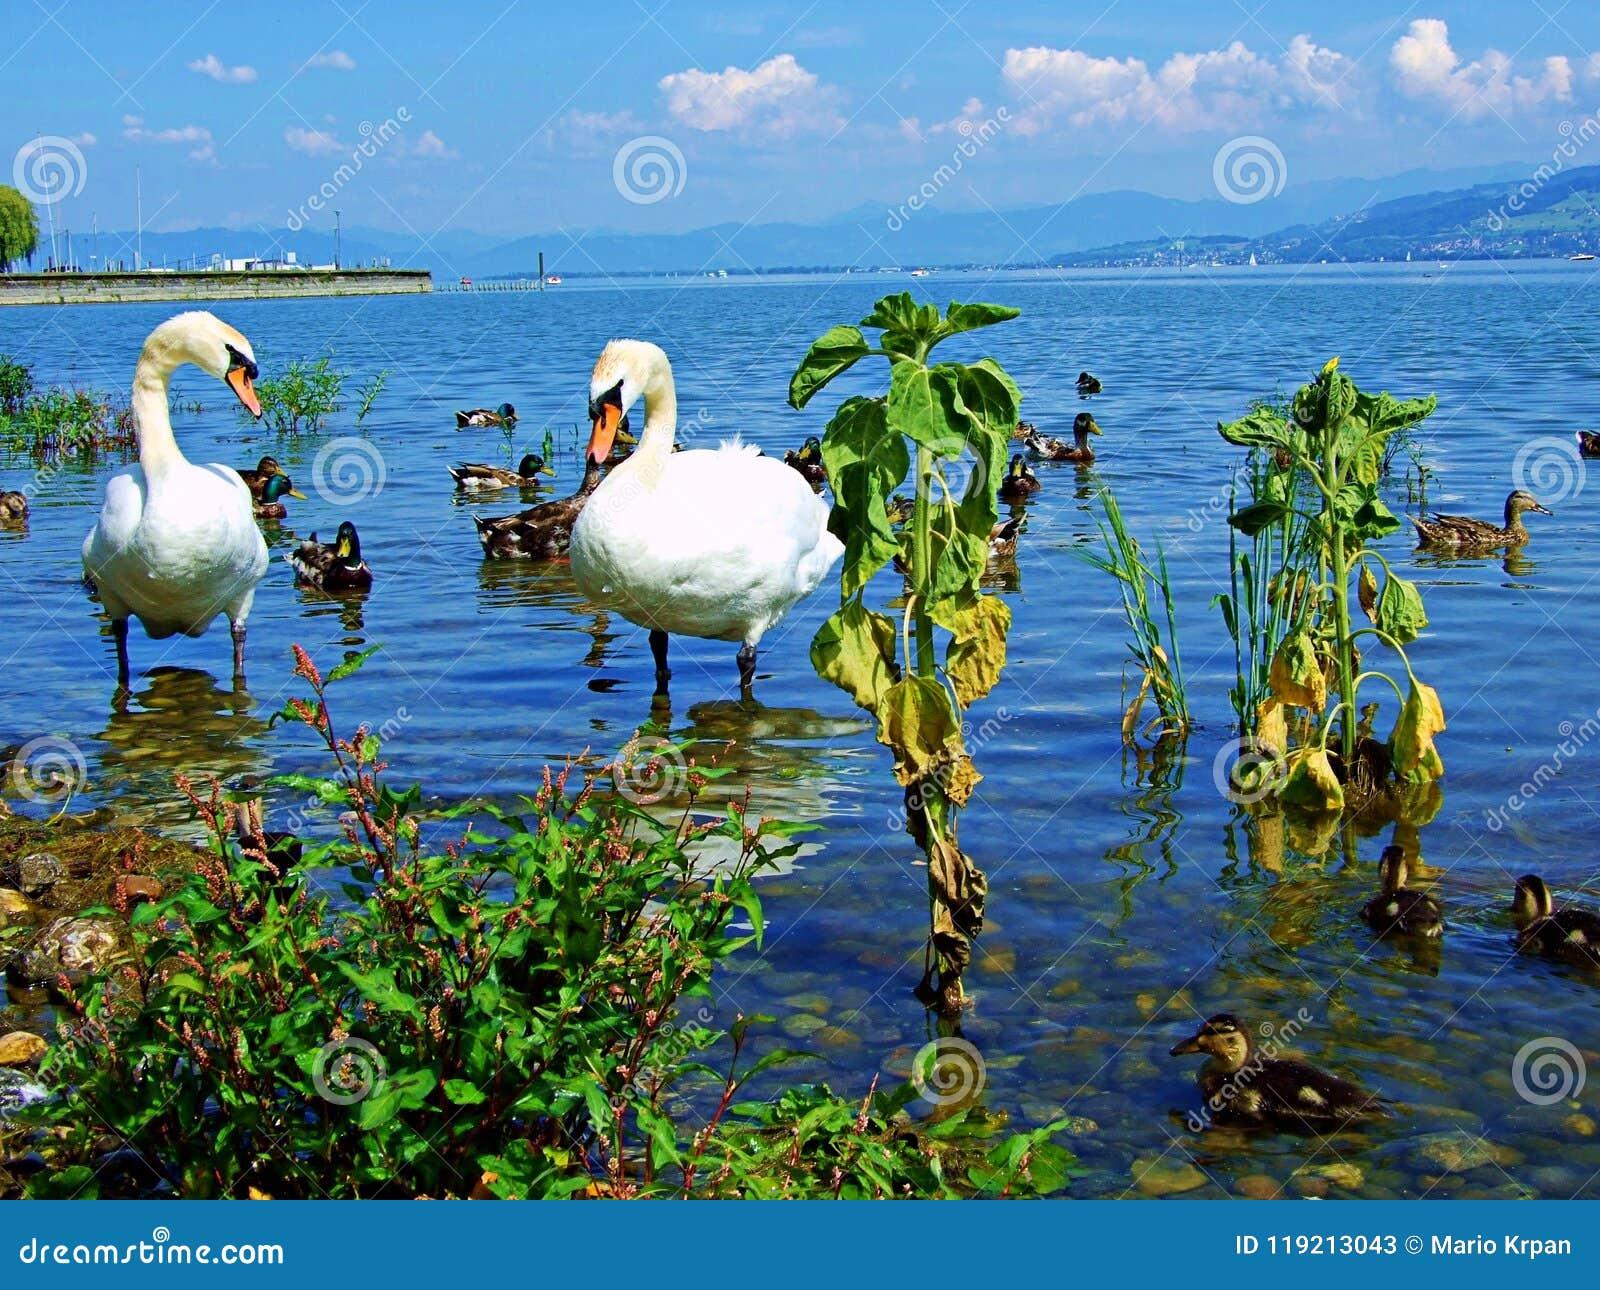 Swan Water Bird Lake White Nature Animal Swans Birds